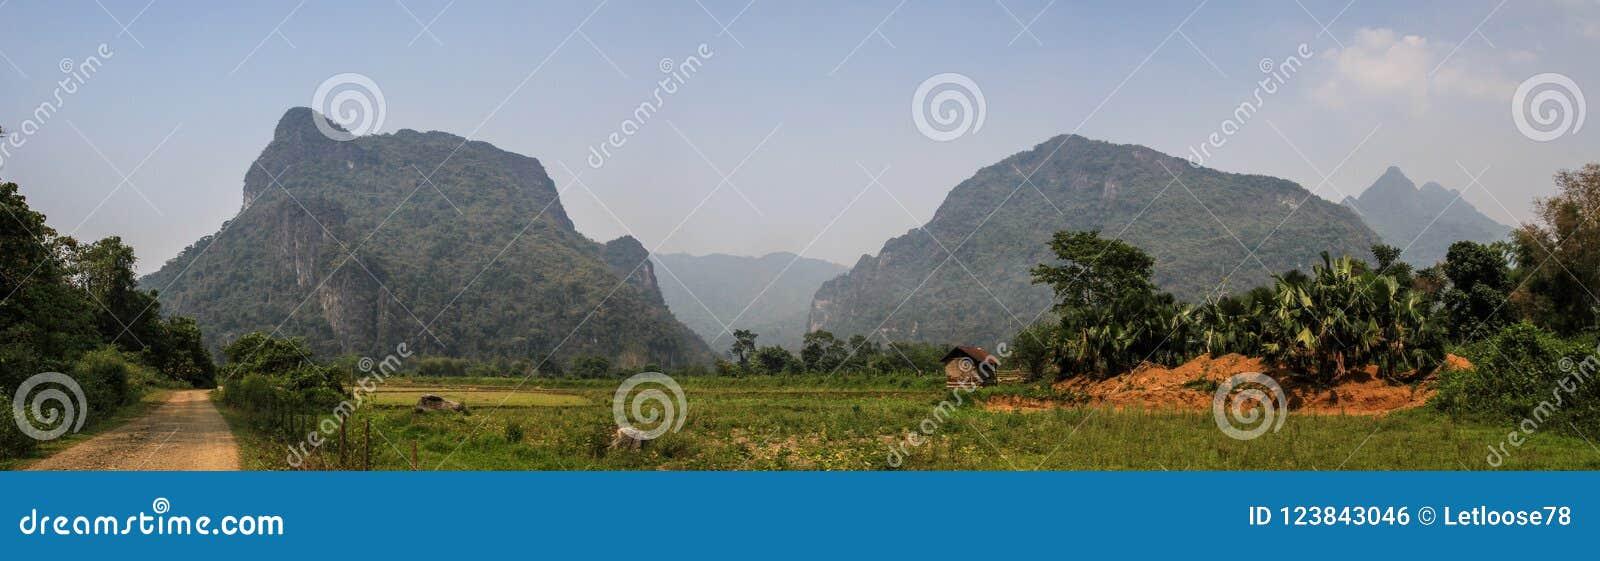 Vista panoramica sulla natura stupefacente e formazione carsica intorno al vieng del vang, provincia di Vientiane, Laos